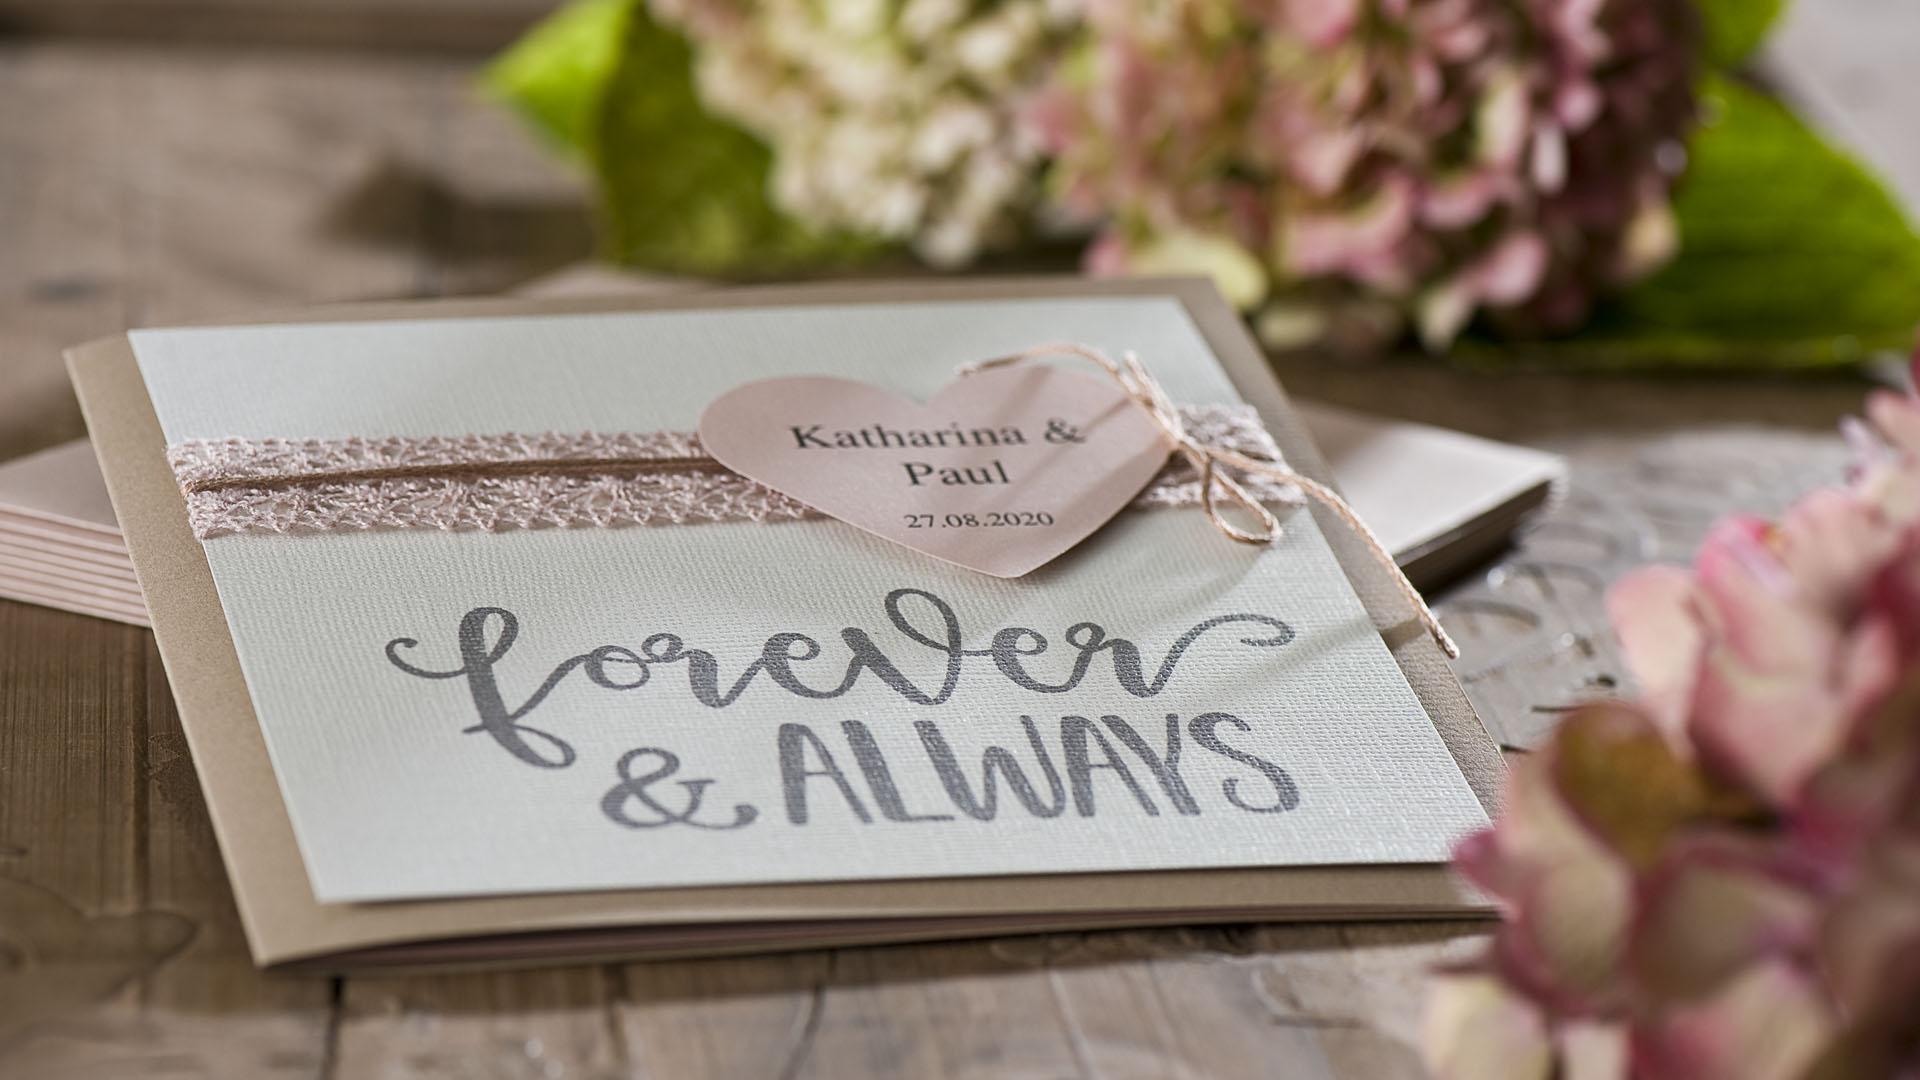 Ideen für Hochzeiten: Forever and always | Einladung und Glückwunschkarte